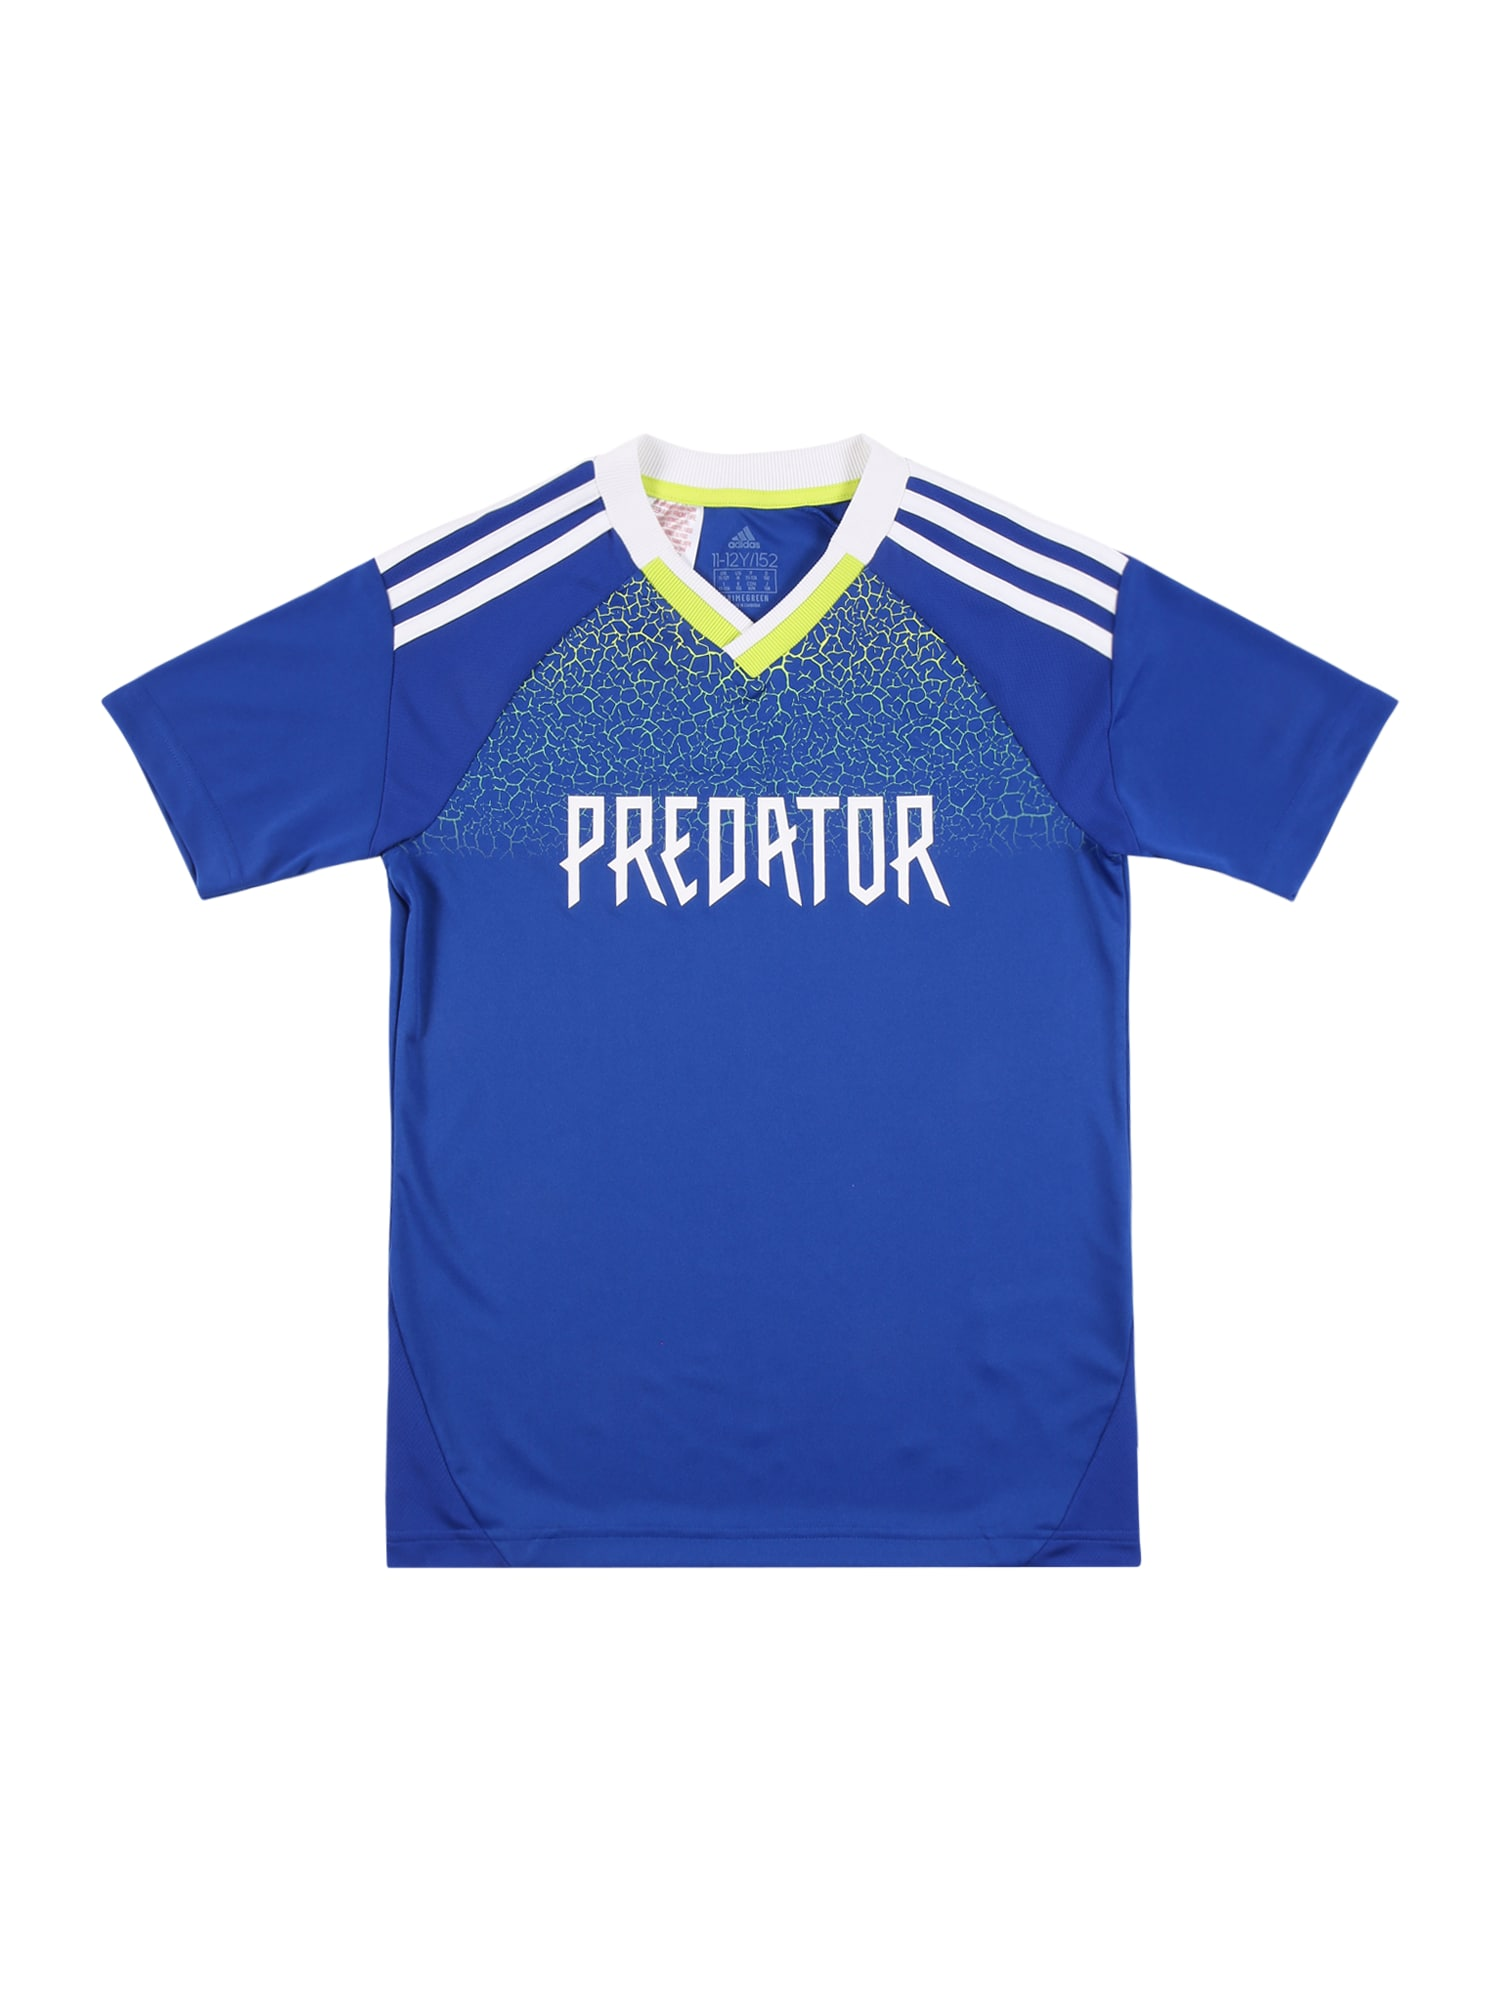 """ADIDAS PERFORMANCE Sportiniai marškinėliai 'Predator' sodri mėlyna (""""karališka"""") / balta / geltona"""